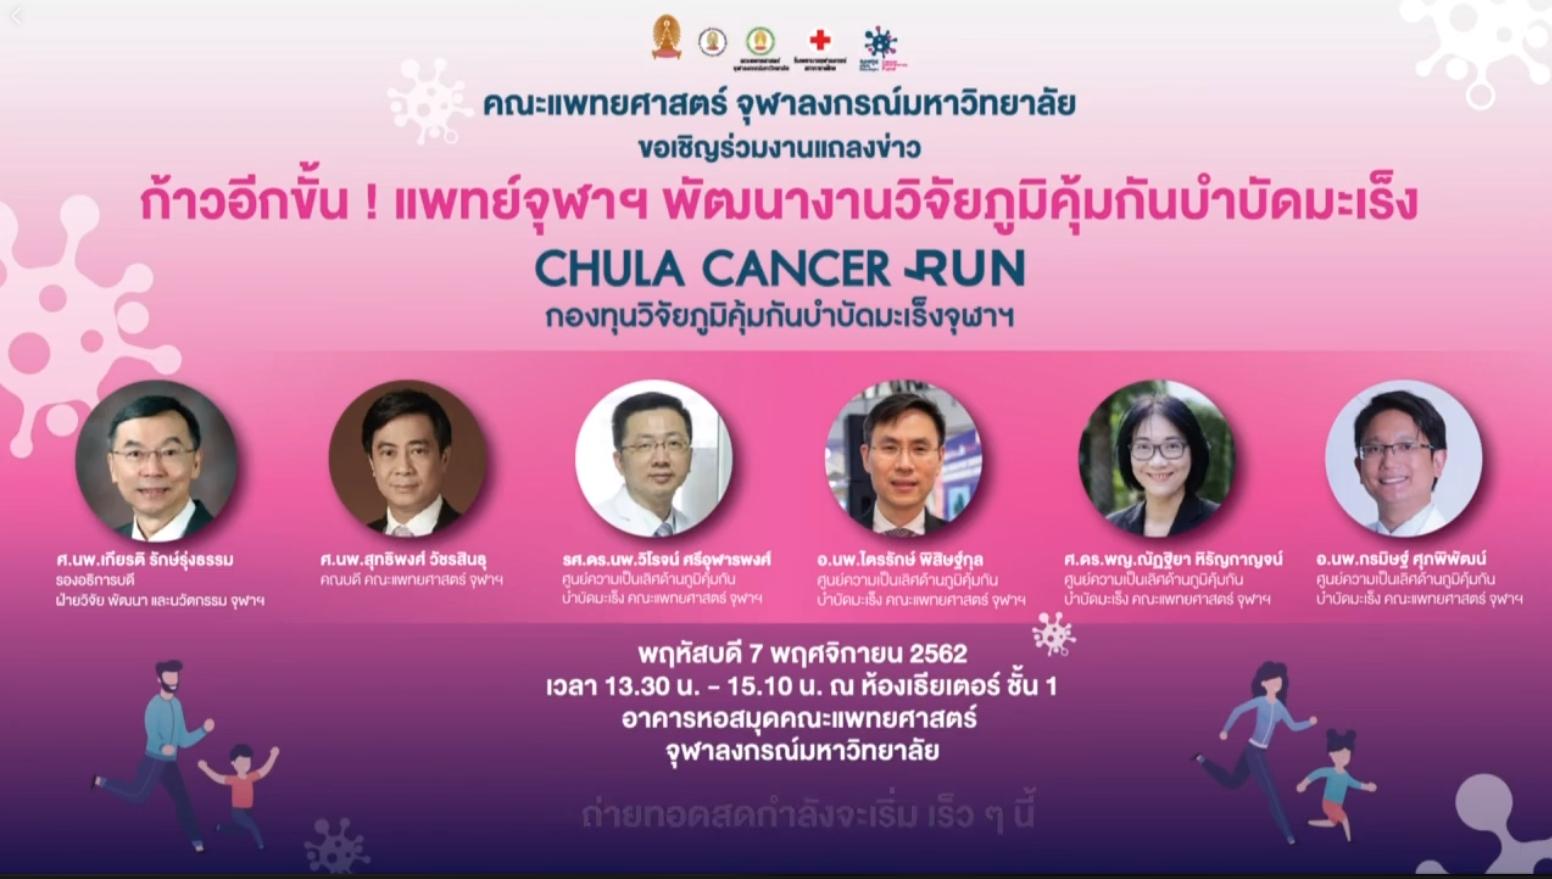 ชมย้อนหลัง ก้าวต่อก้าว เพื่อก้าวไปอีกขั้น กับงานวิจัยภูมิคุ้มกันบำบัดมะเร็ง โดยคณะแพทย์จุฬาฯ